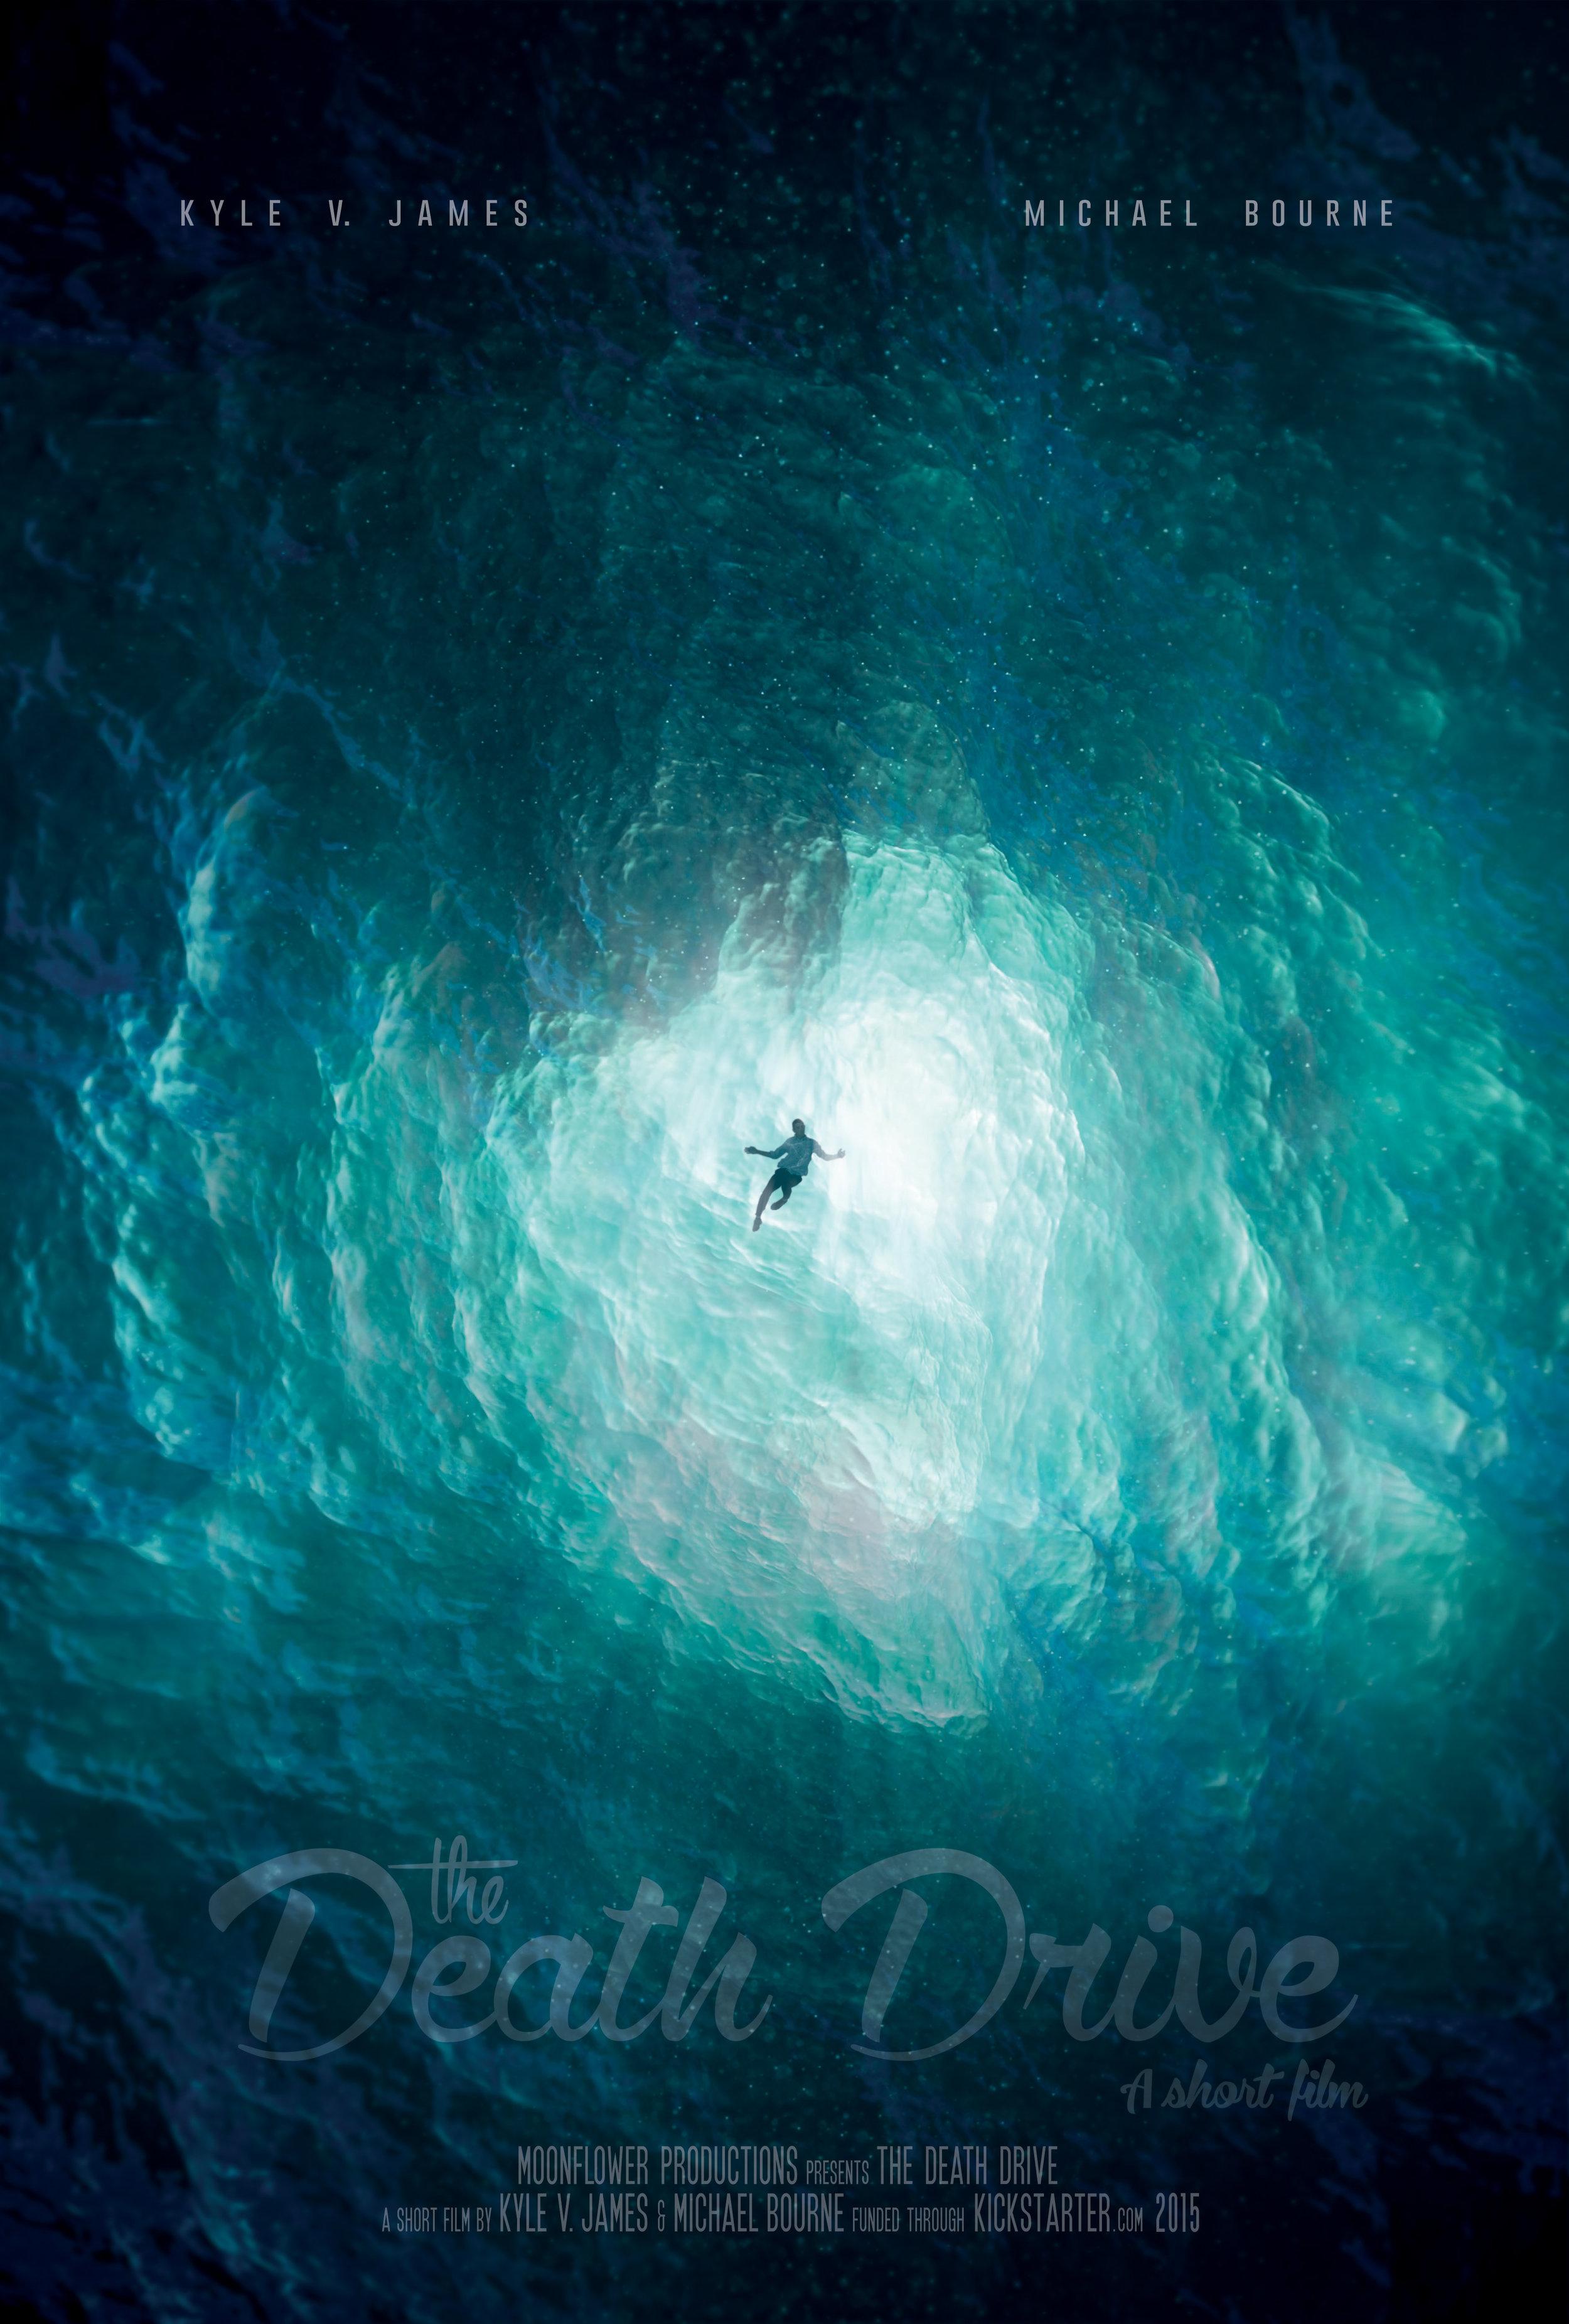 poster imdb3 amll text rgb.jpg